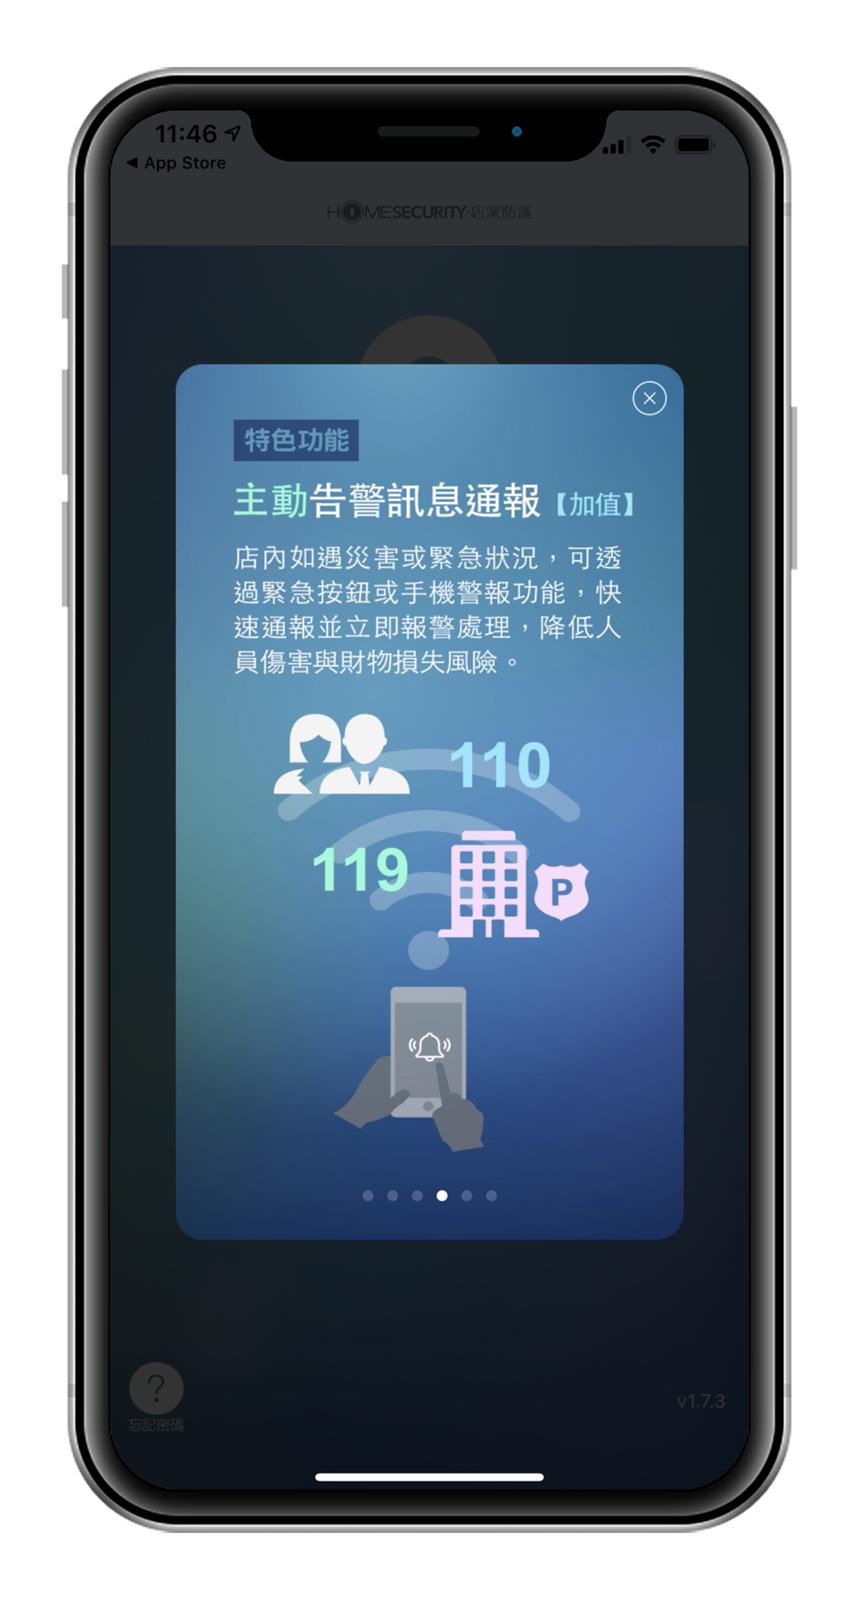 安全、自由更方便,凱擘大寬頻全新 HomeSecurity AI 防護服務,不只店家也能適合居家 @3C 達人廖阿輝